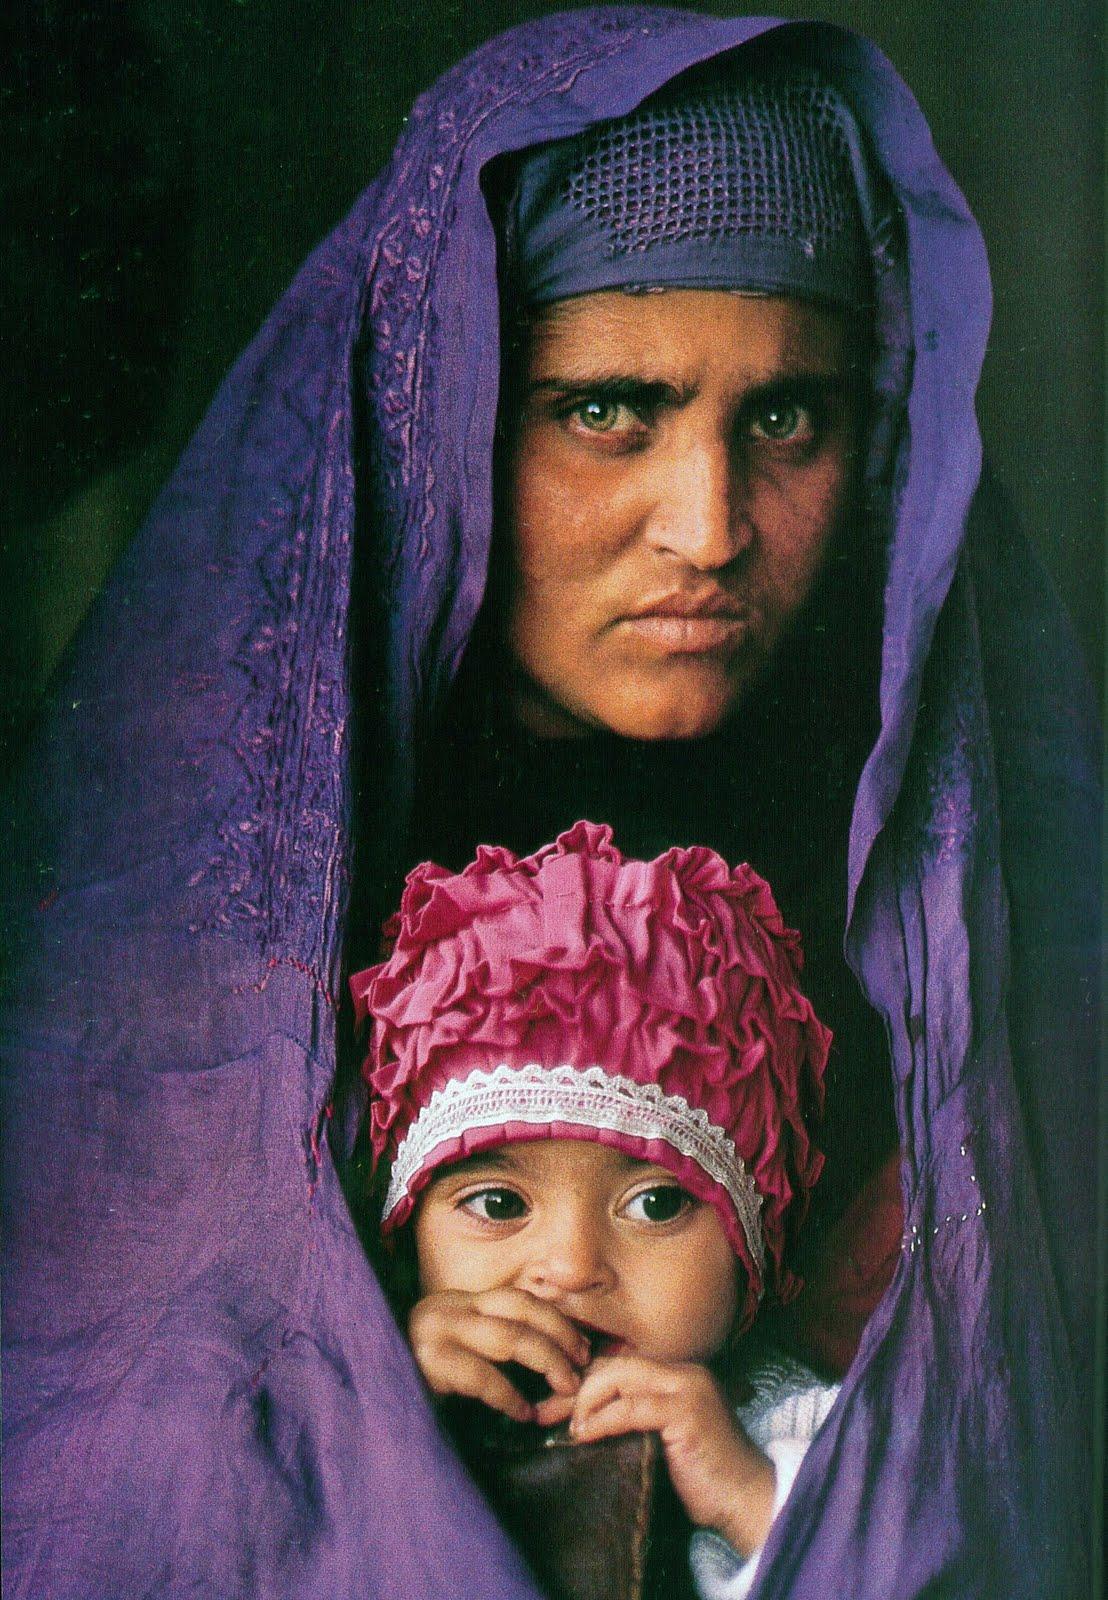 İhtiyat 2002 yılında McCurry, Şarbat Gula'yı tekrar buldu ve fotoğrafını çekti